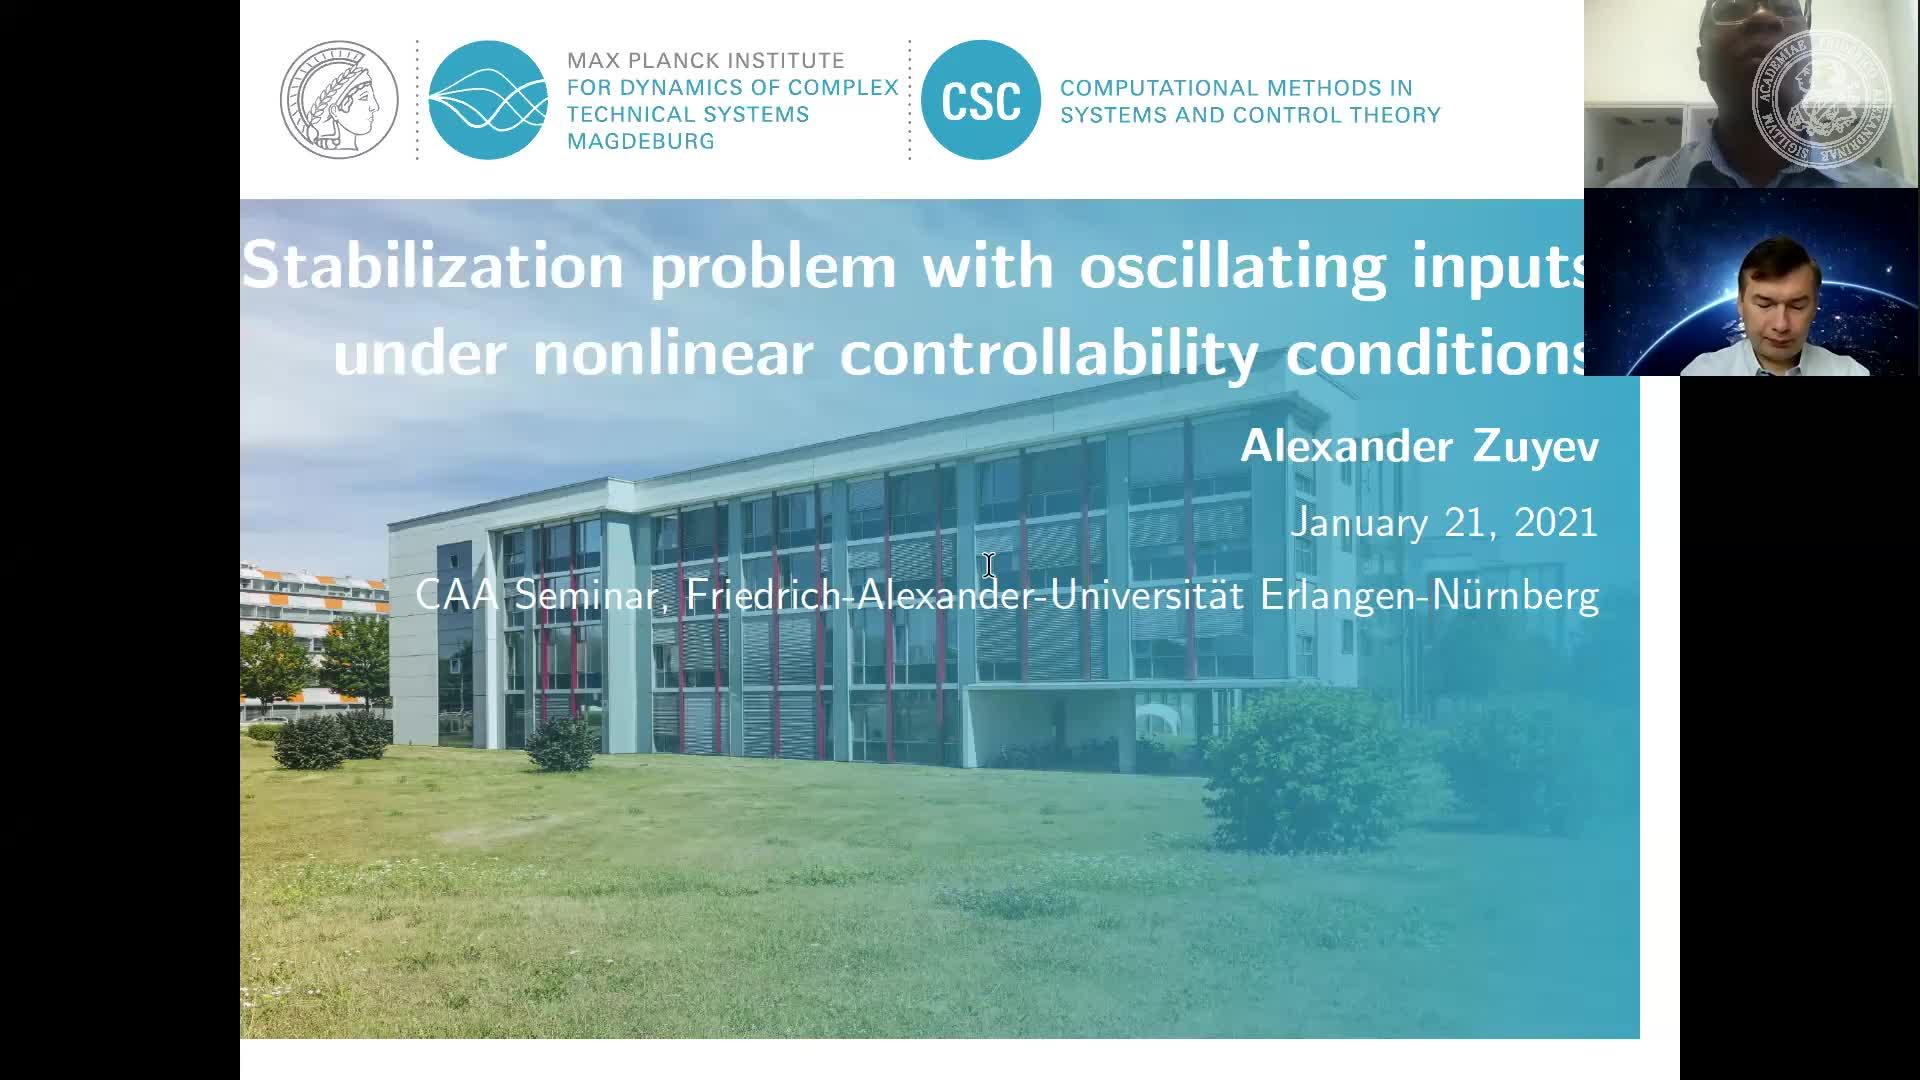 Stabilization problem with oscillating inputs under nonlinear controllability conditions (Alexander Zuyev, Max-Planck-Institut für Dynamik Komplexer Technischer Systeme) preview image